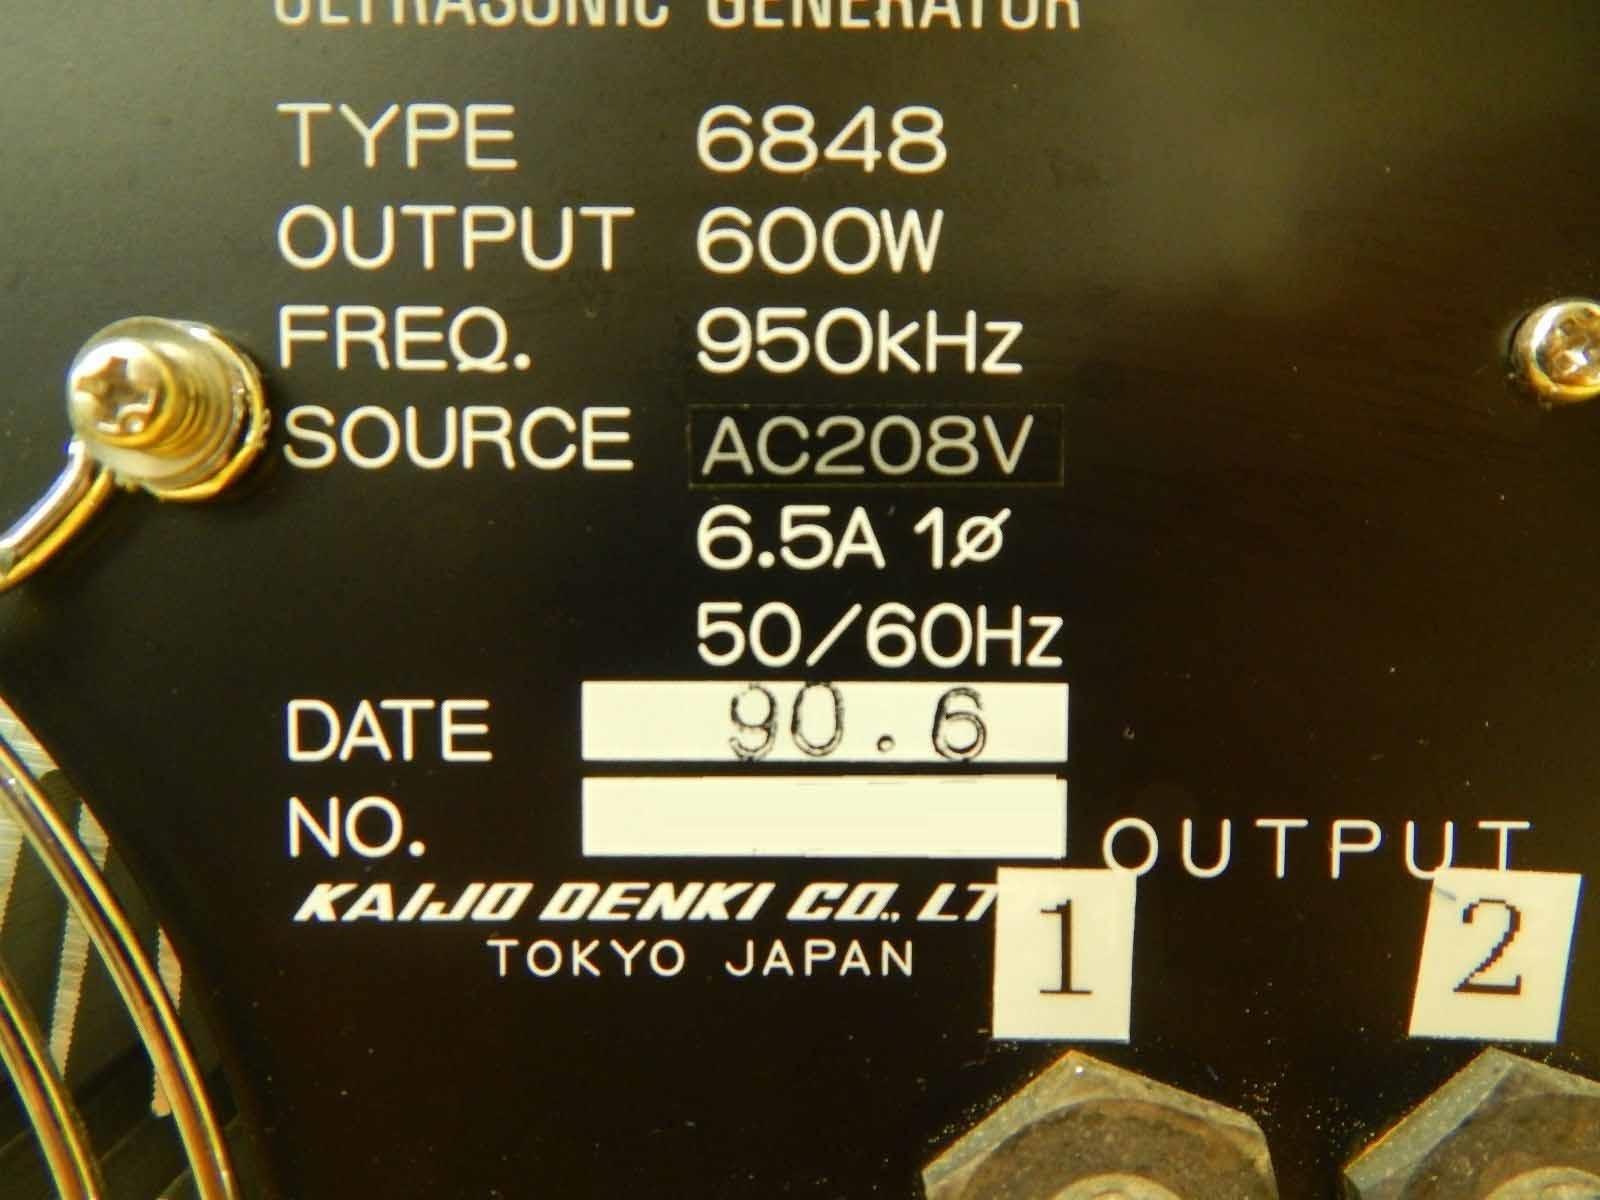 KAIJO HI MEGASONIC 600 ULTRASONIC GENERATOR 6848